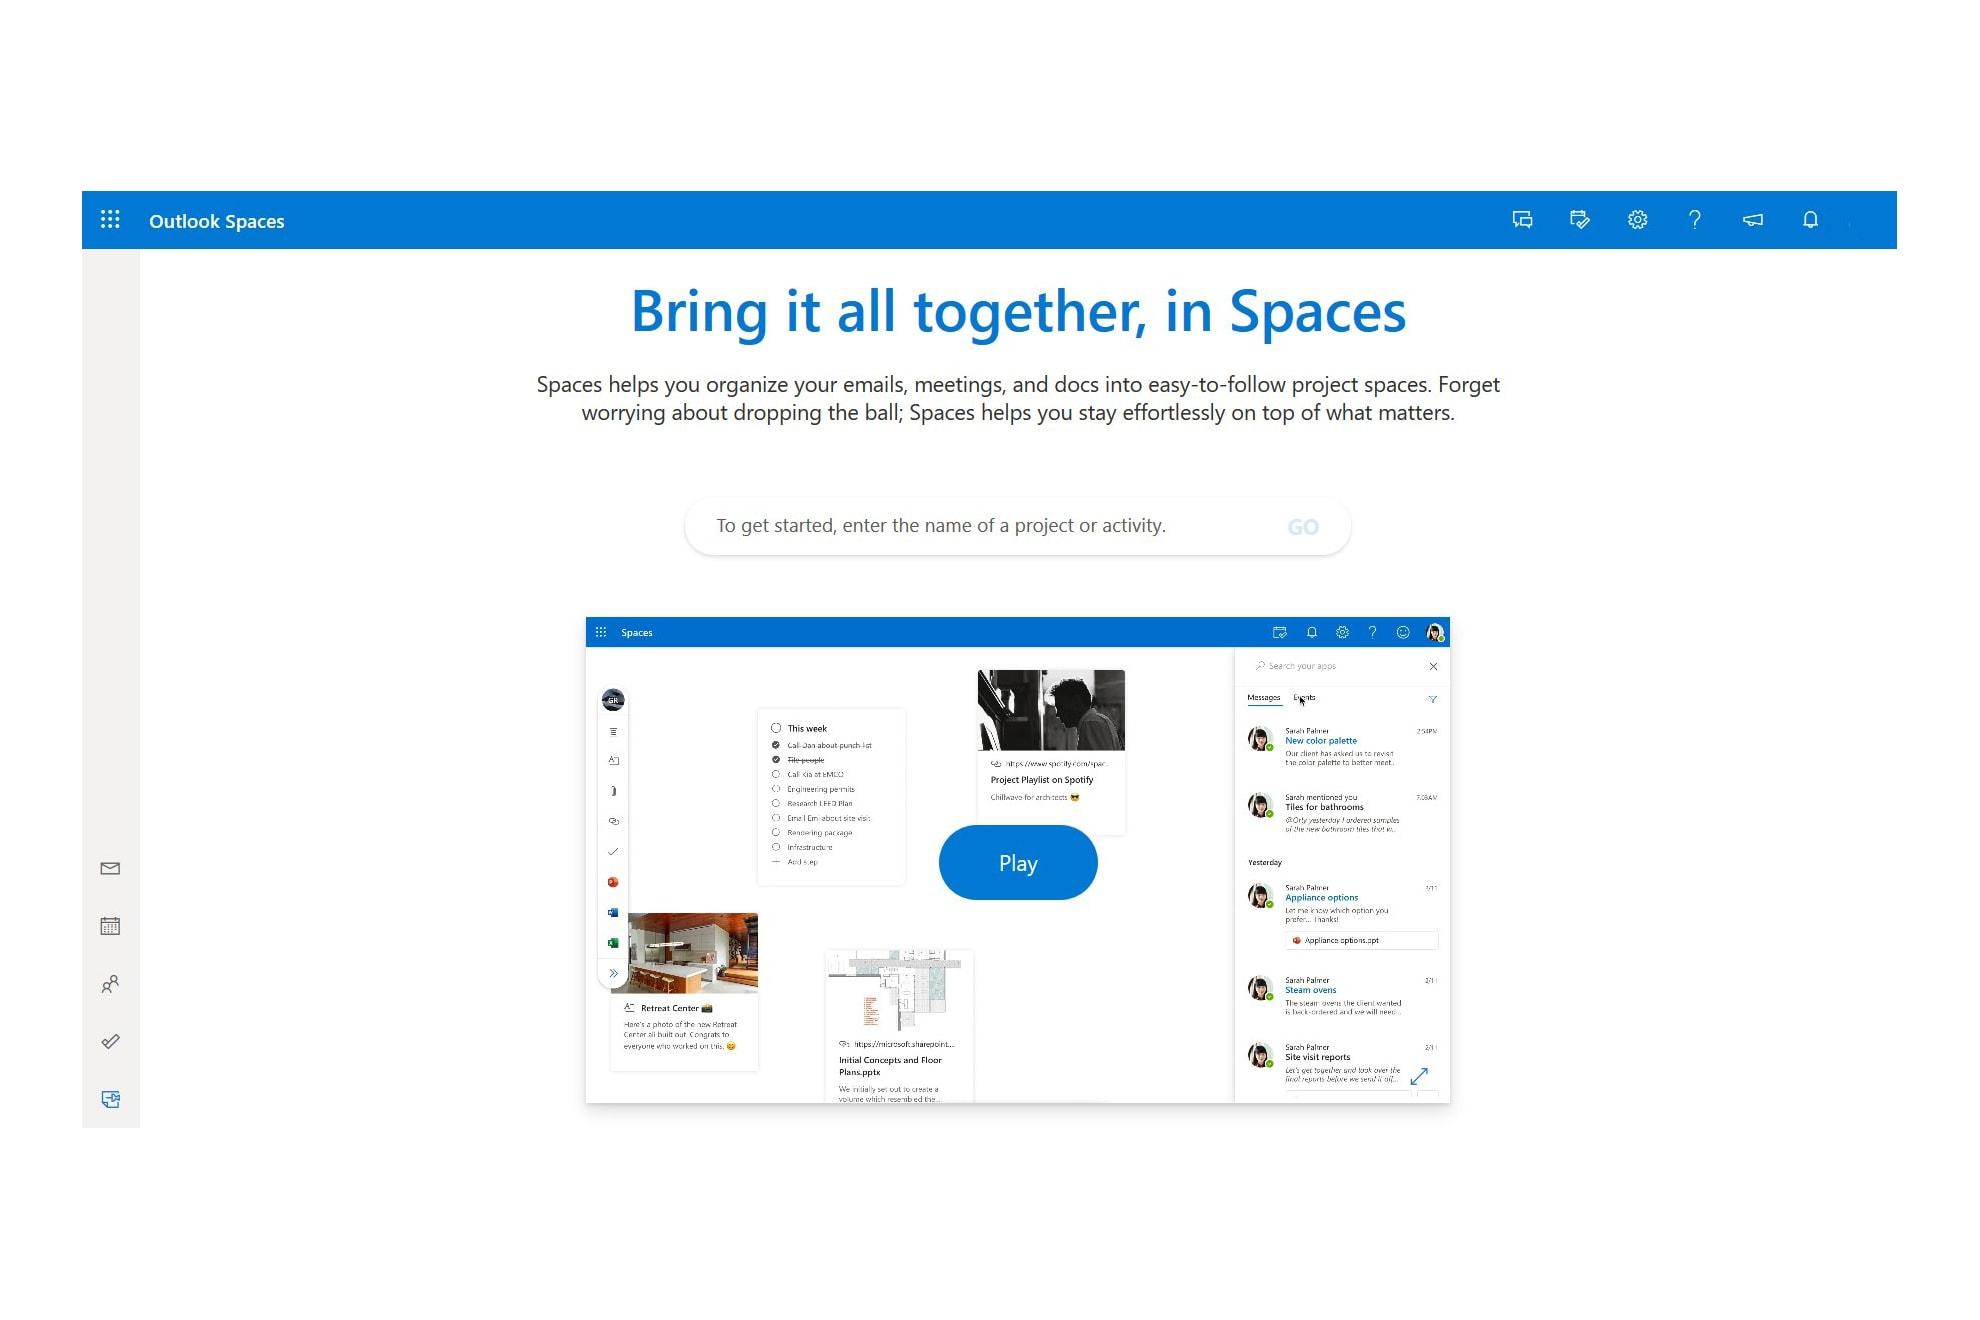 Rò rỉ video tính năng Spaces mới của Outlook, mang đến công cụ quản lý công việc mạnh mẽ